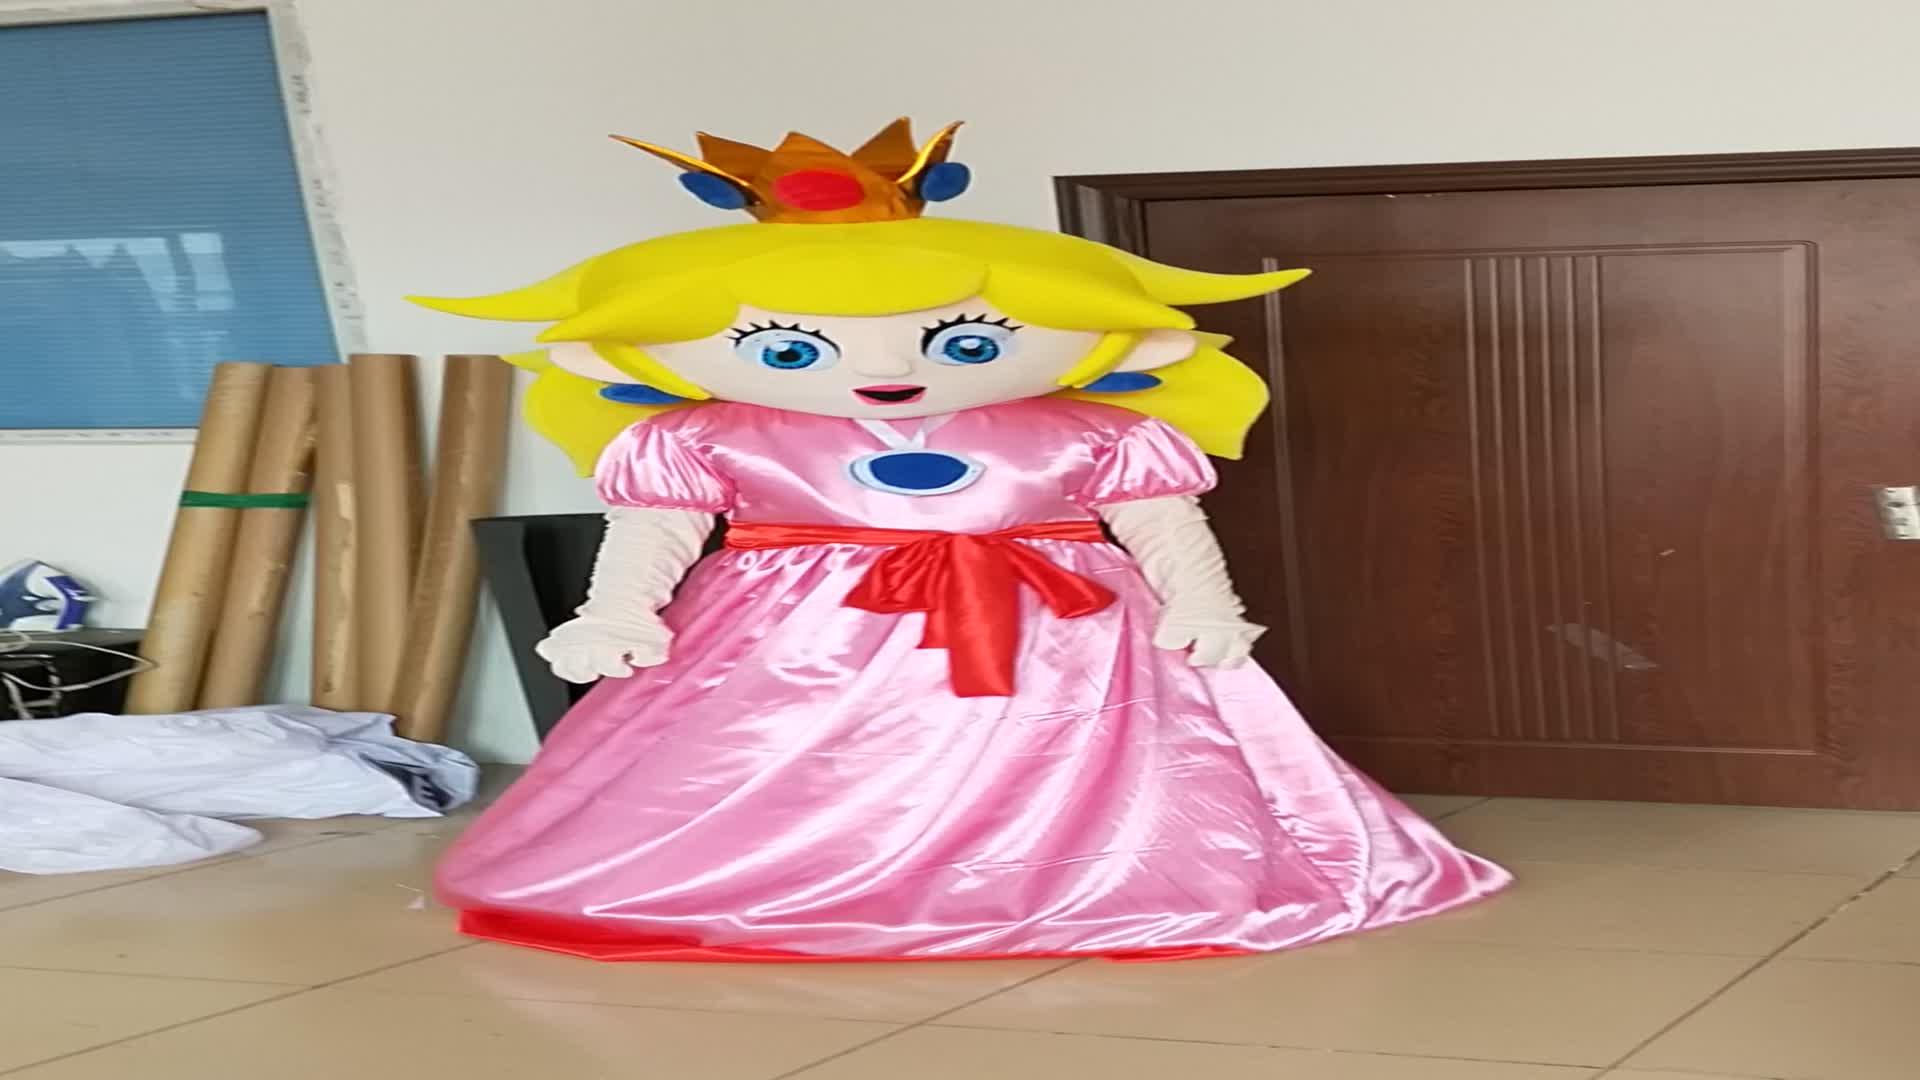 أزياء تميمة للأميرة تيانا لعام 2011 ، أزياء تميمة مصنوعة من الرسوم المتحركة تيانا